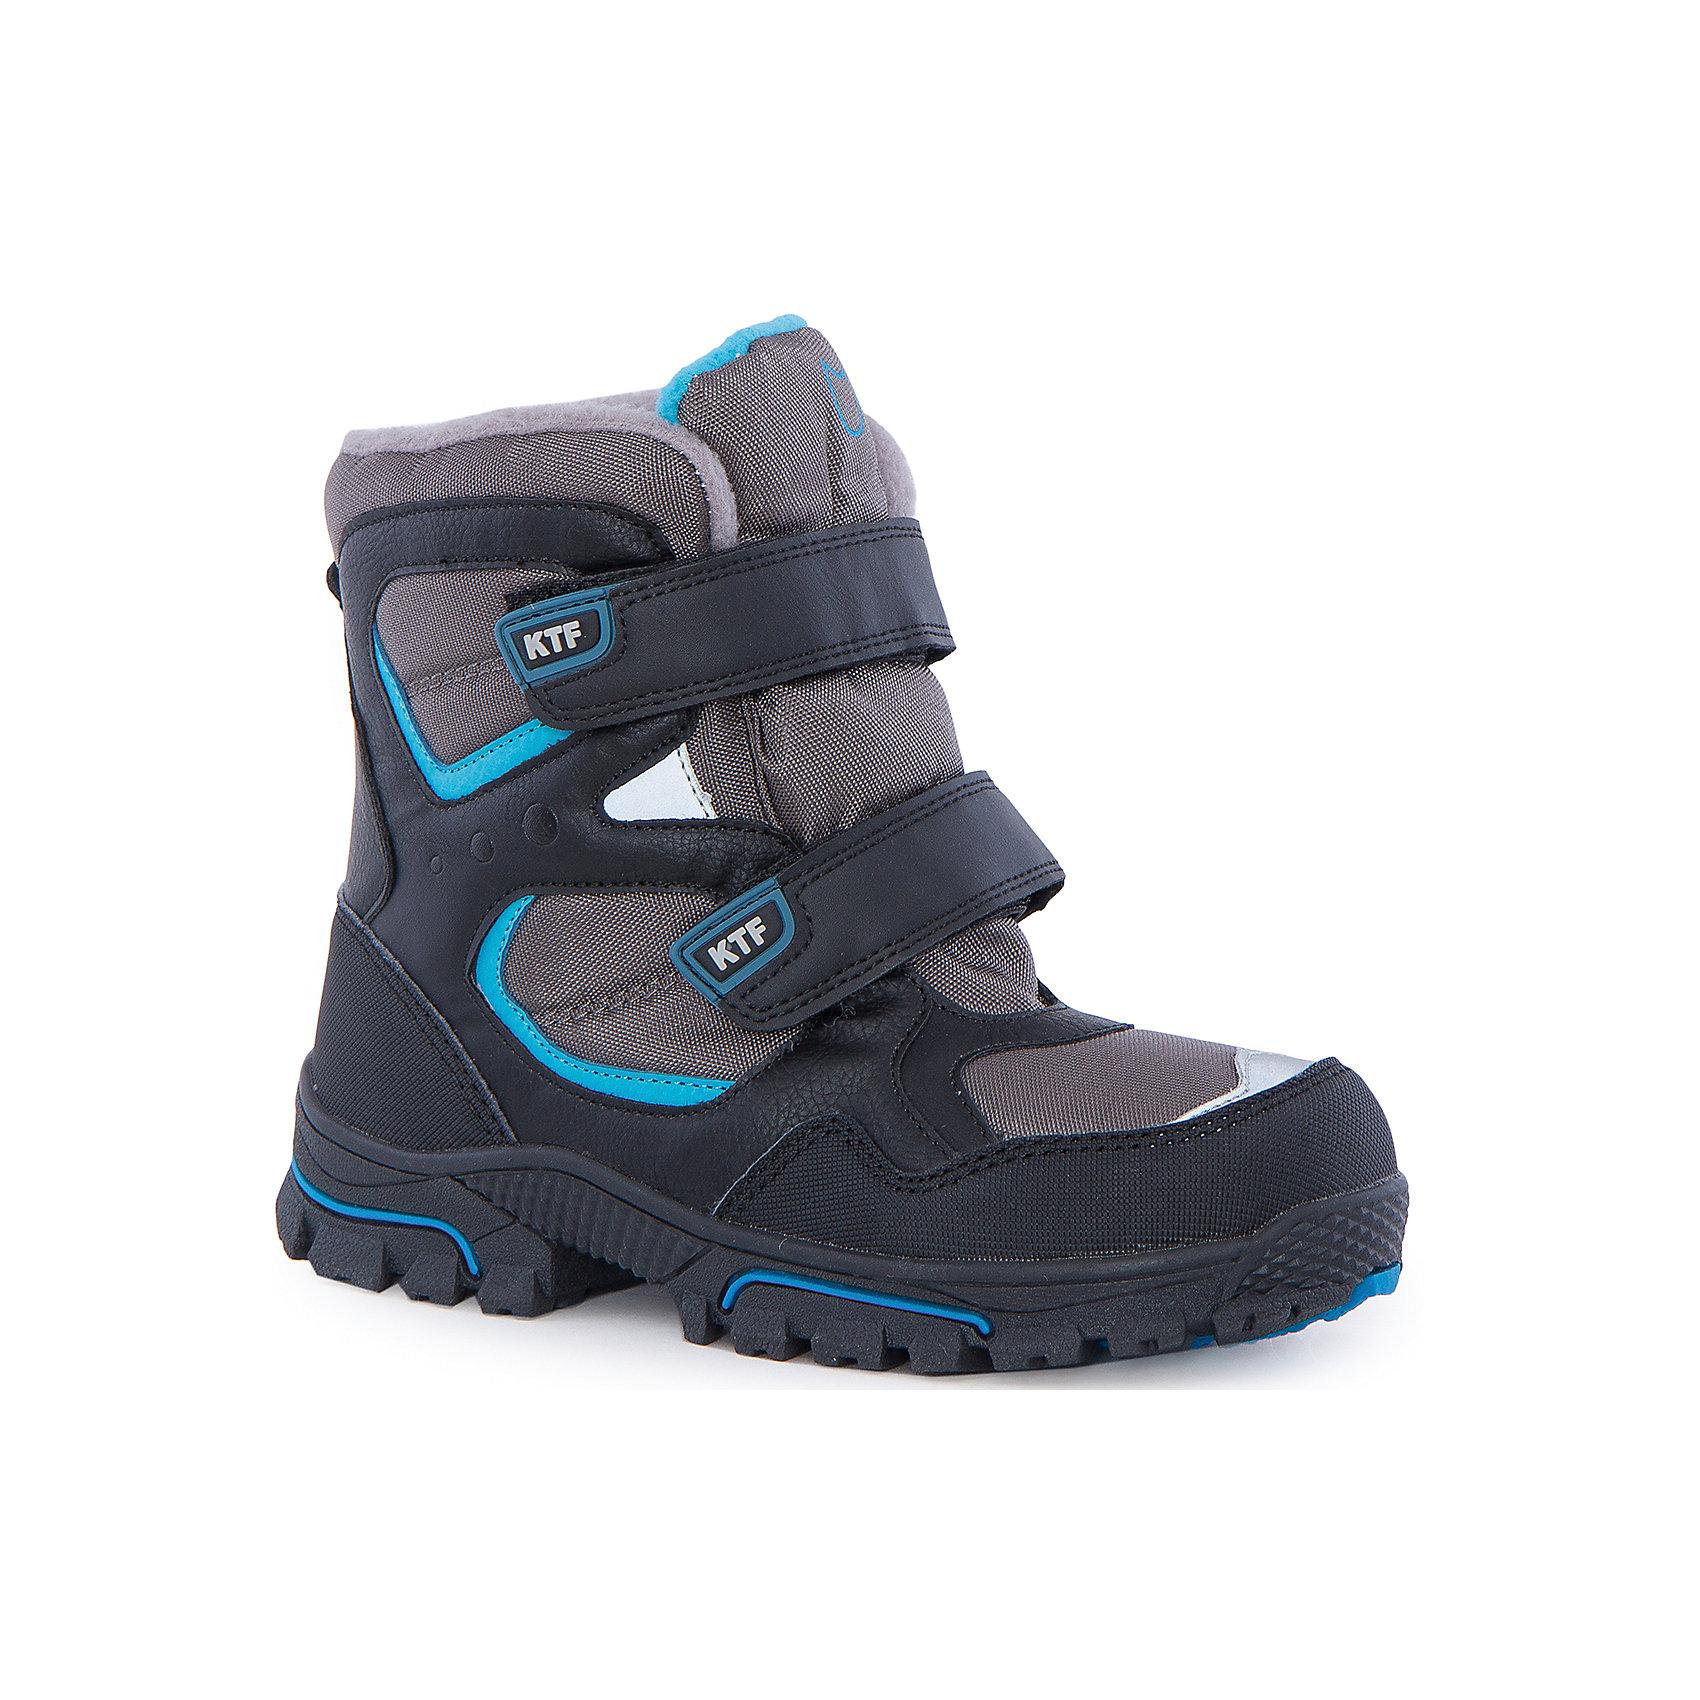 Ботинки  для мальчика КотофейБотинки<br>Ботинки  для мальчика Котофей.<br><br>Характеристики:<br><br>- Внешний материал: искусственная кожа, текстиль<br>- Внутренний материал: мех шерстяной<br>- Материал стельки: войлок<br>- Подошва: ТЭП<br>- Тип застежки: липучки<br>- Вид крепления обуви: литьевой<br>- Температурный режим до -20С<br>- Цвет: черный, серый, голубой<br>- Сезон: зима<br>- Пол: для мальчиков<br><br><br>Зимние ботинки торговой марки Котофей обеспечат вашему мальчику максимальный комфорт. Верх ботинок выполнен из комбинированных материалов со специальным износостойким и водостойким мембранным материалом, что позволит ножке всегда оставаться сухой. Подкладка - из натуральной шерсти, имеется дополнительная стелька из войлока, поэтому ножке в такой обуви тепло и уютно. Гибкая, широкая, литьевая подошва с рельефным протектором обеспечит превосходное сцепление с поверхностью, не скользит. Она выполнена из термоэластопласта (ТЭП) – пластичного материала, отлично амортизирующего при шаге и не теряющего своих свойств при понижении температур. Два ремня с липучками позволяют не только быстро обувать и снимать ботинки, но и обеспечивают плотное прилегание обуви к стопе. Детская обувь «Котофей» качественна, красива, добротна, комфортна и долговечна. Она производится на Егорьевской обувной фабрике. Жесткий контроль производства и постоянное совершенствование технологий при многолетнем опыте позволяют считать компанию одним из лидеров среди отечественных производителей детской обуви.<br><br>Ботинки  для мальчика Котофей можно купить в нашем интернет-магазине.<br><br>Ширина мм: 262<br>Глубина мм: 176<br>Высота мм: 97<br>Вес г: 427<br>Цвет: разноцветный<br>Возраст от месяцев: 120<br>Возраст до месяцев: 132<br>Пол: Мужской<br>Возраст: Детский<br>Размер: 36,37,31,32,33,34,35<br>SKU: 5087263